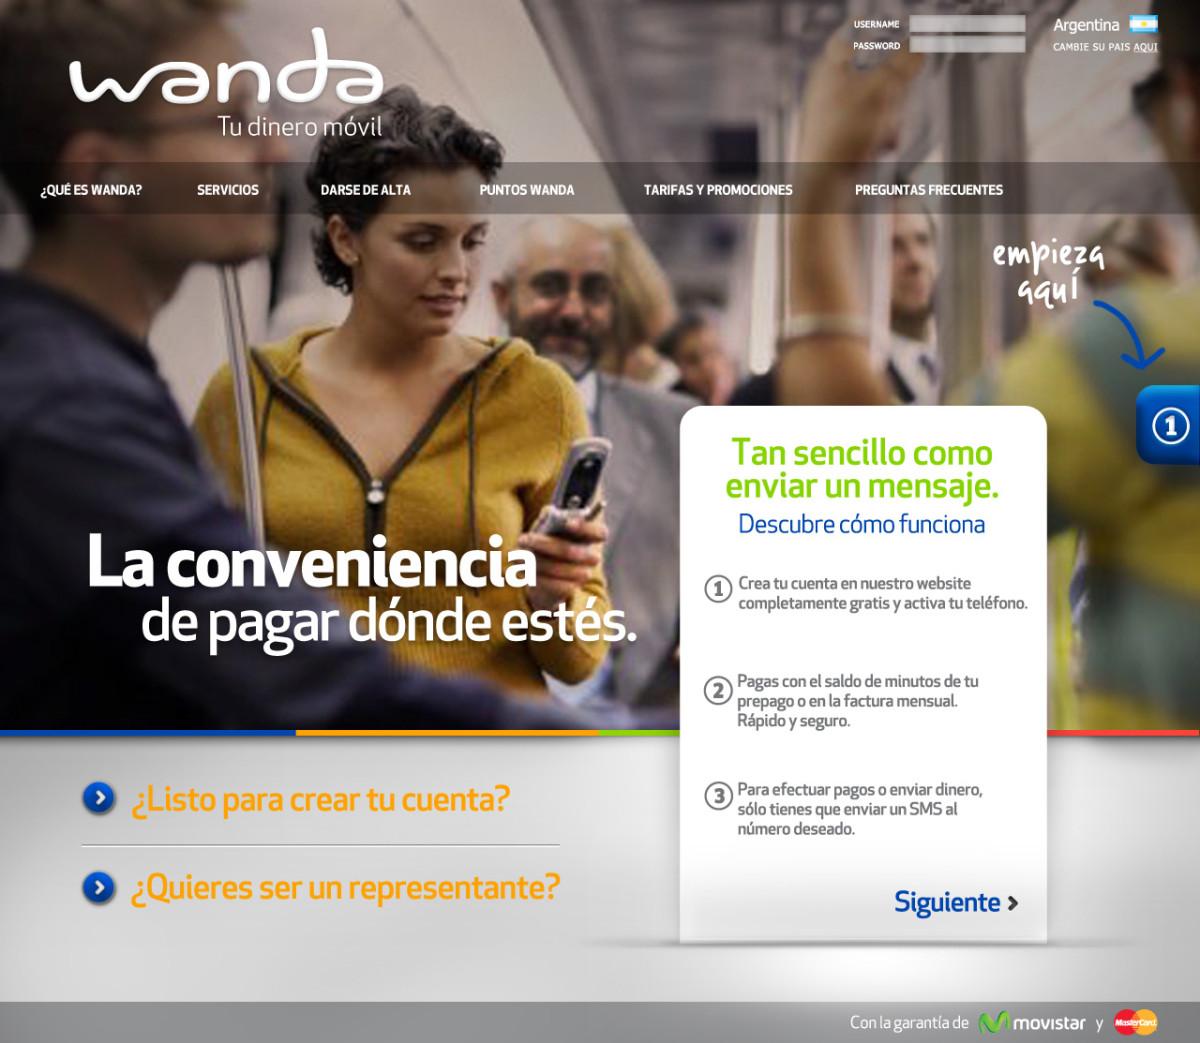 wanda_v2_home